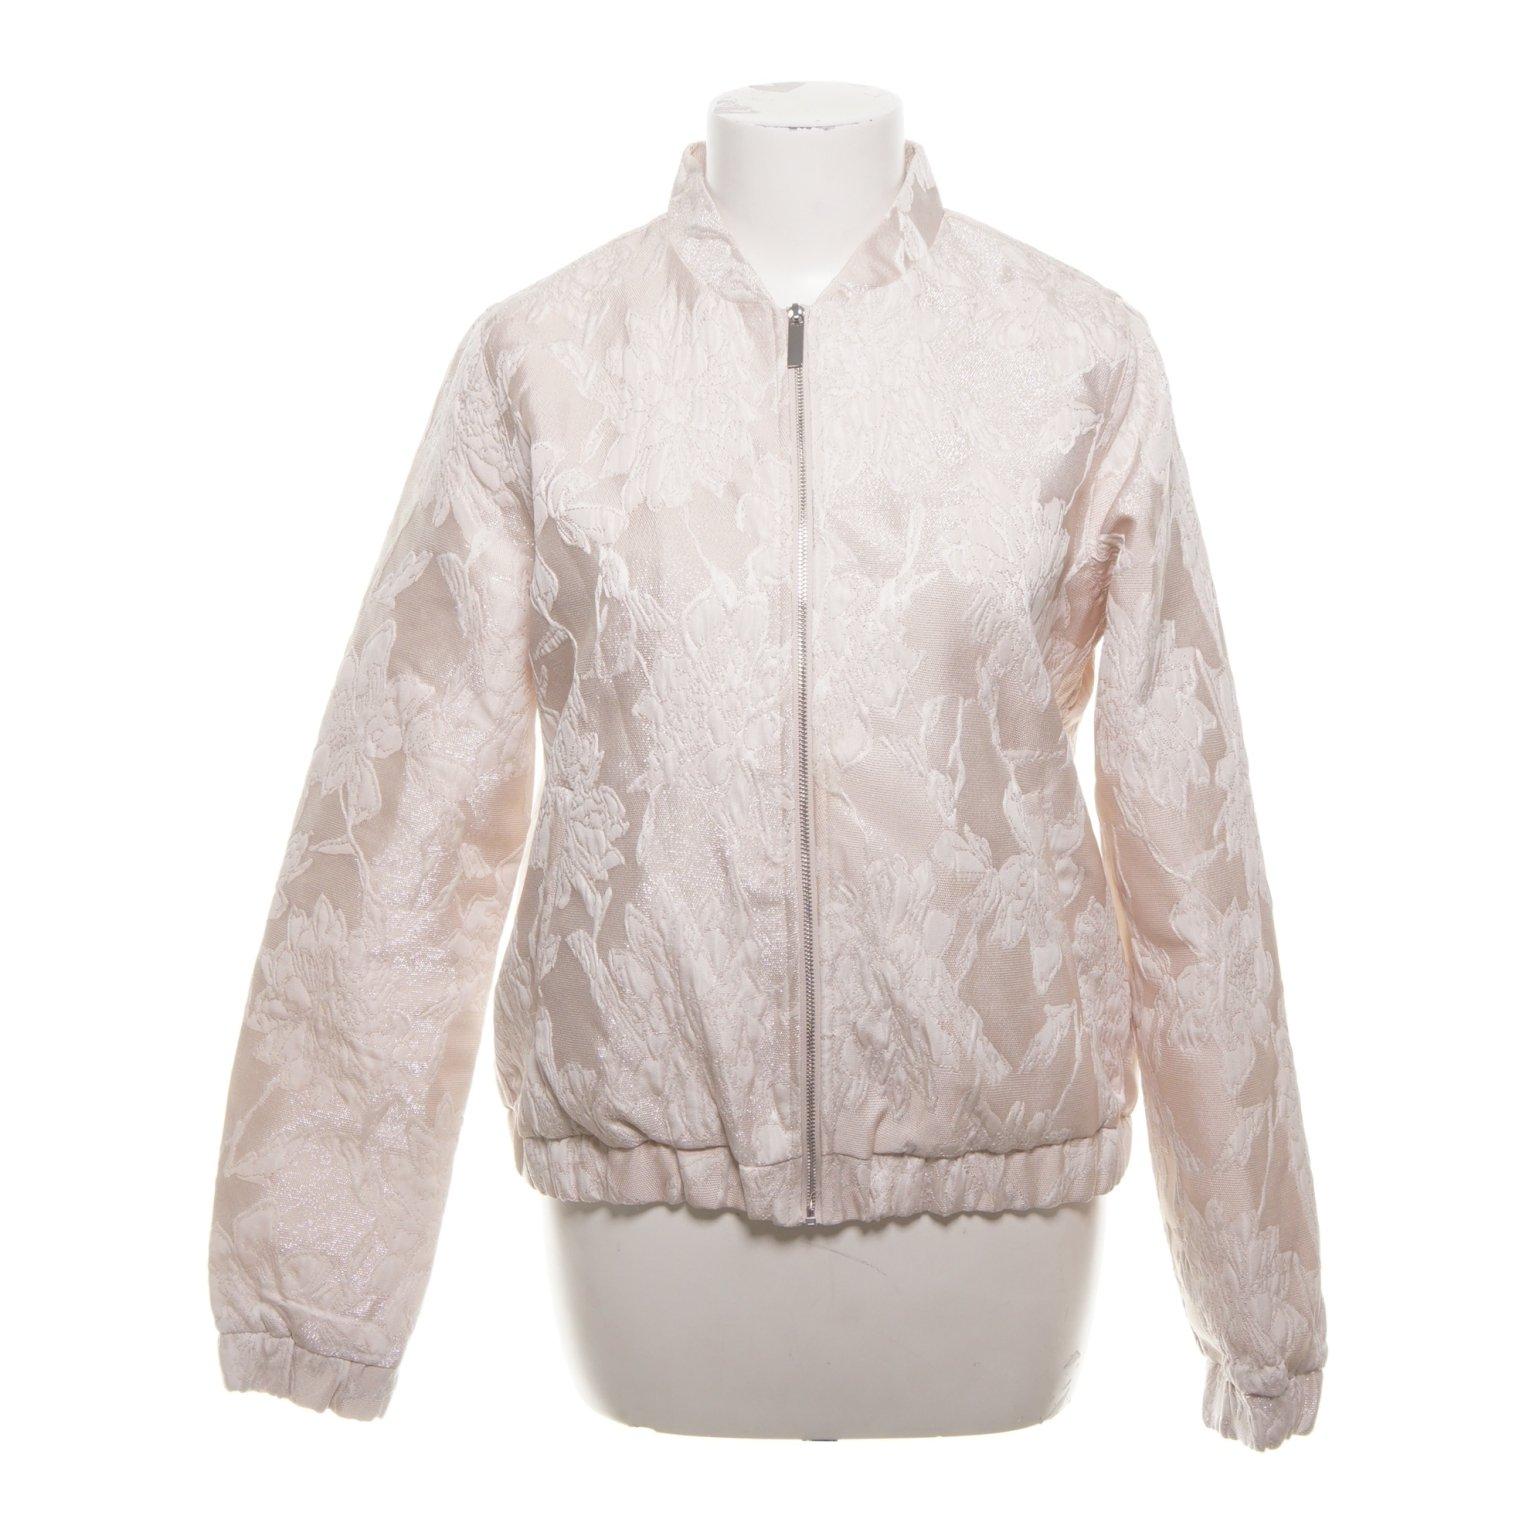 specialförsäljning ny livsstil kupongkoder VILA Clothes, Bomberjacka, Strl: 38, Benv.. (379644520) ᐈ Sellpy ...